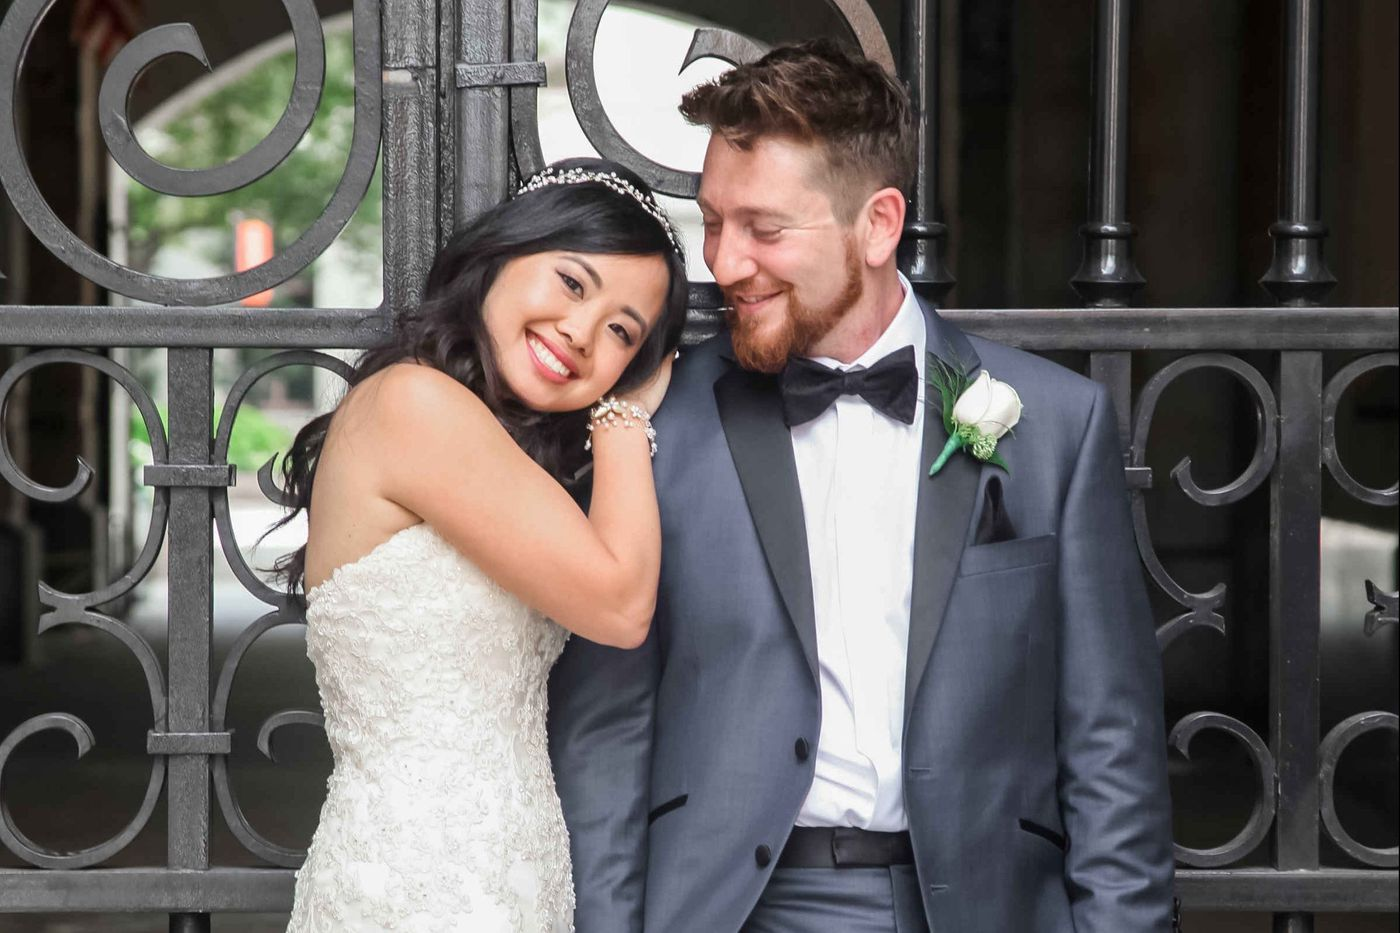 Philadelphia weddings: Erica Chen and Jeff Gibbard